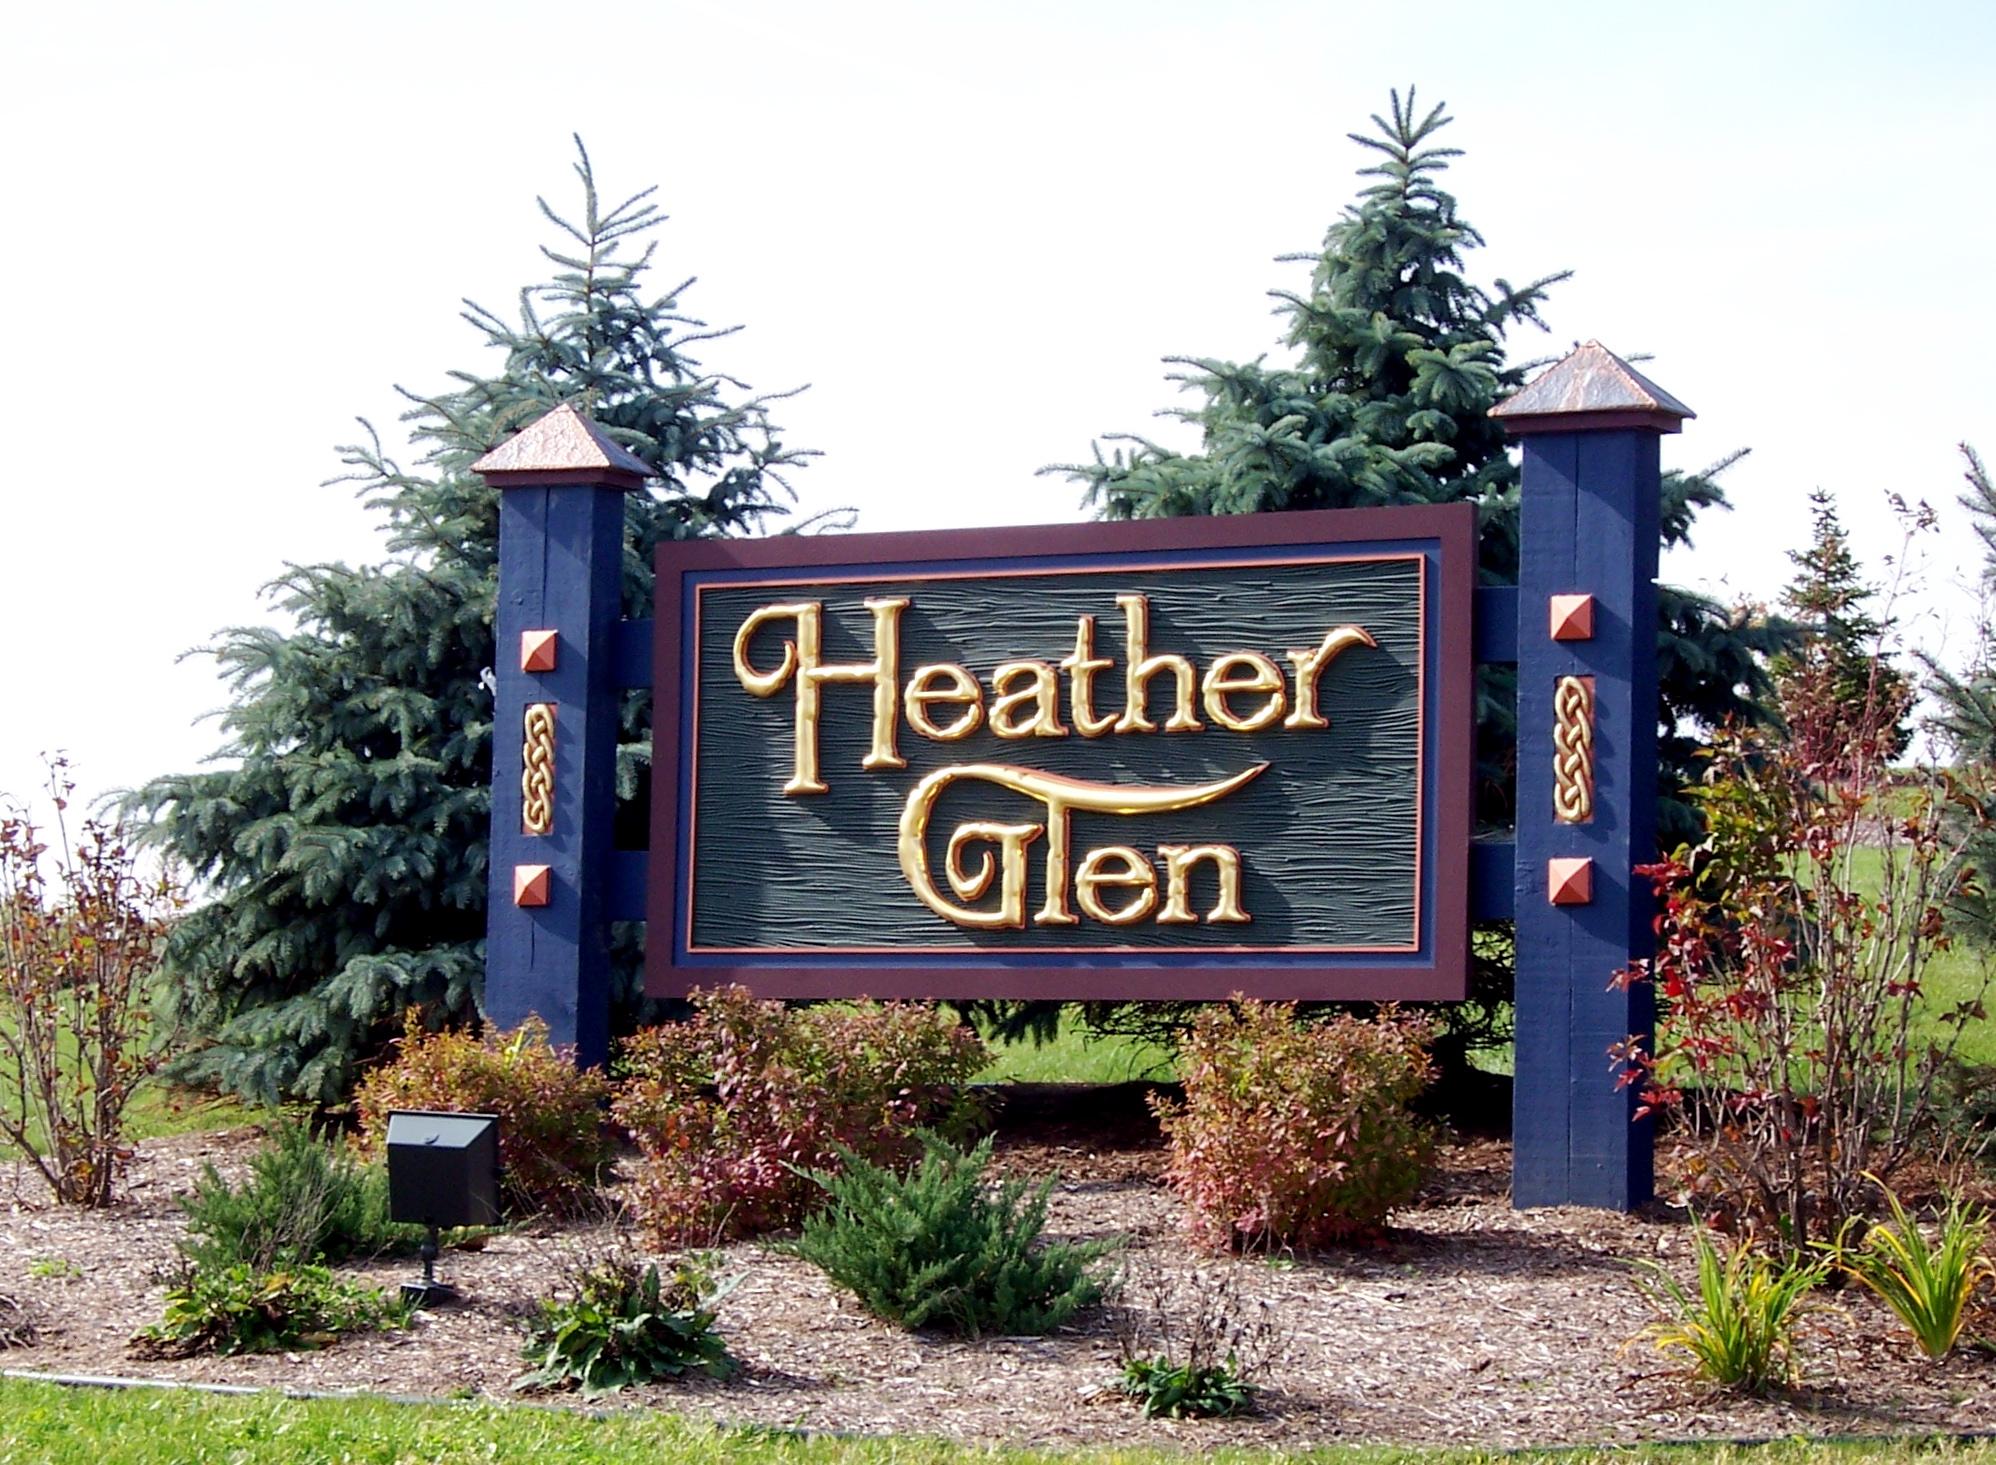 Neighborhood_heather_glen.JPG